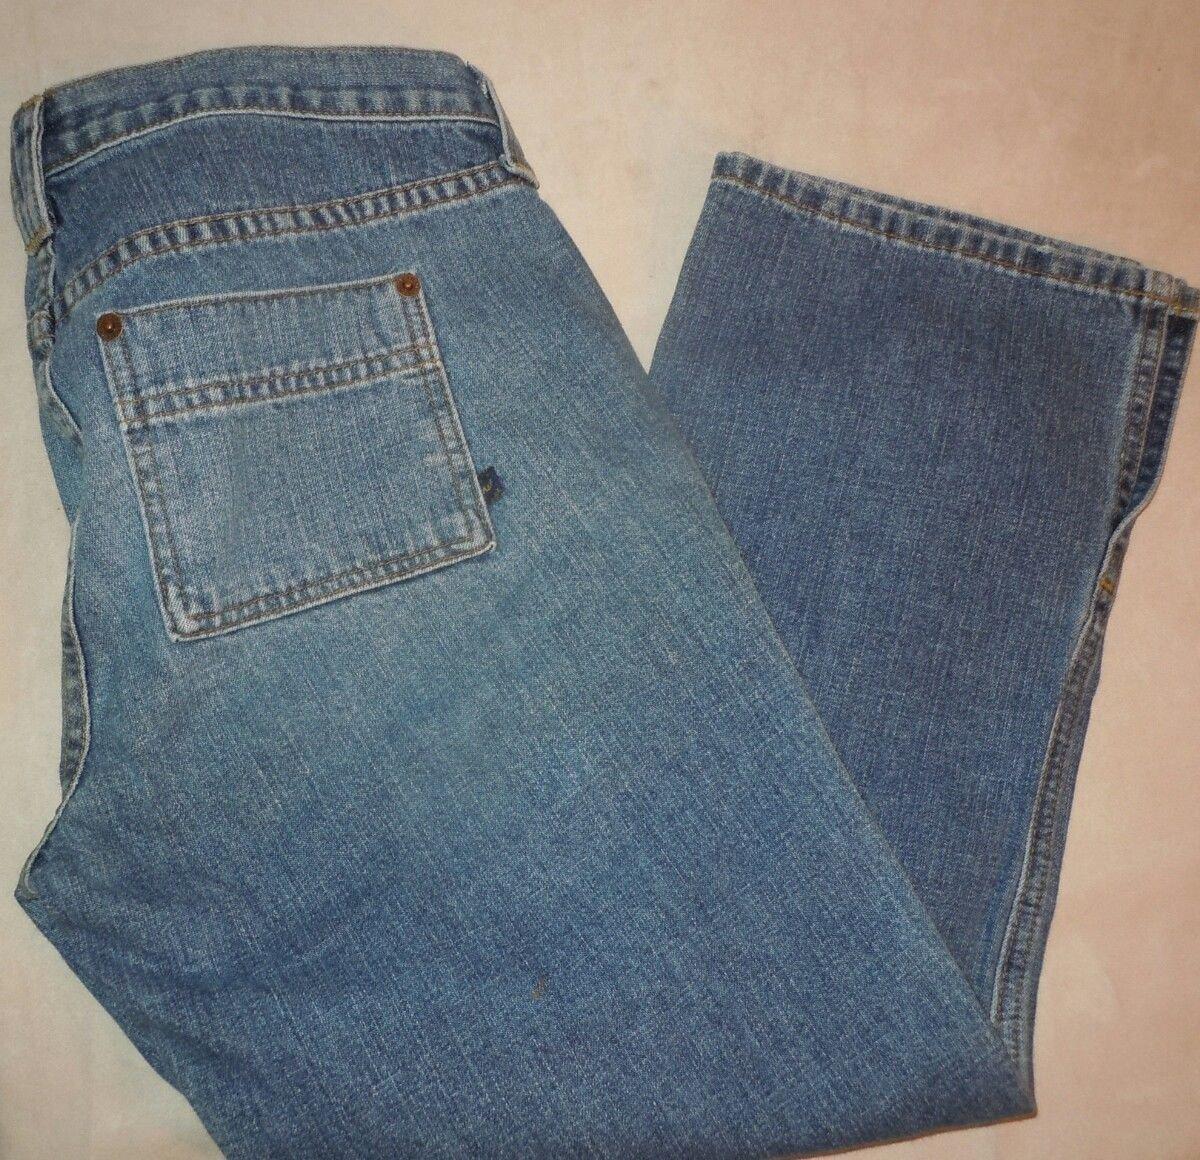 Abercrombie & Fitch Capri lace up medium wash jeans size 4